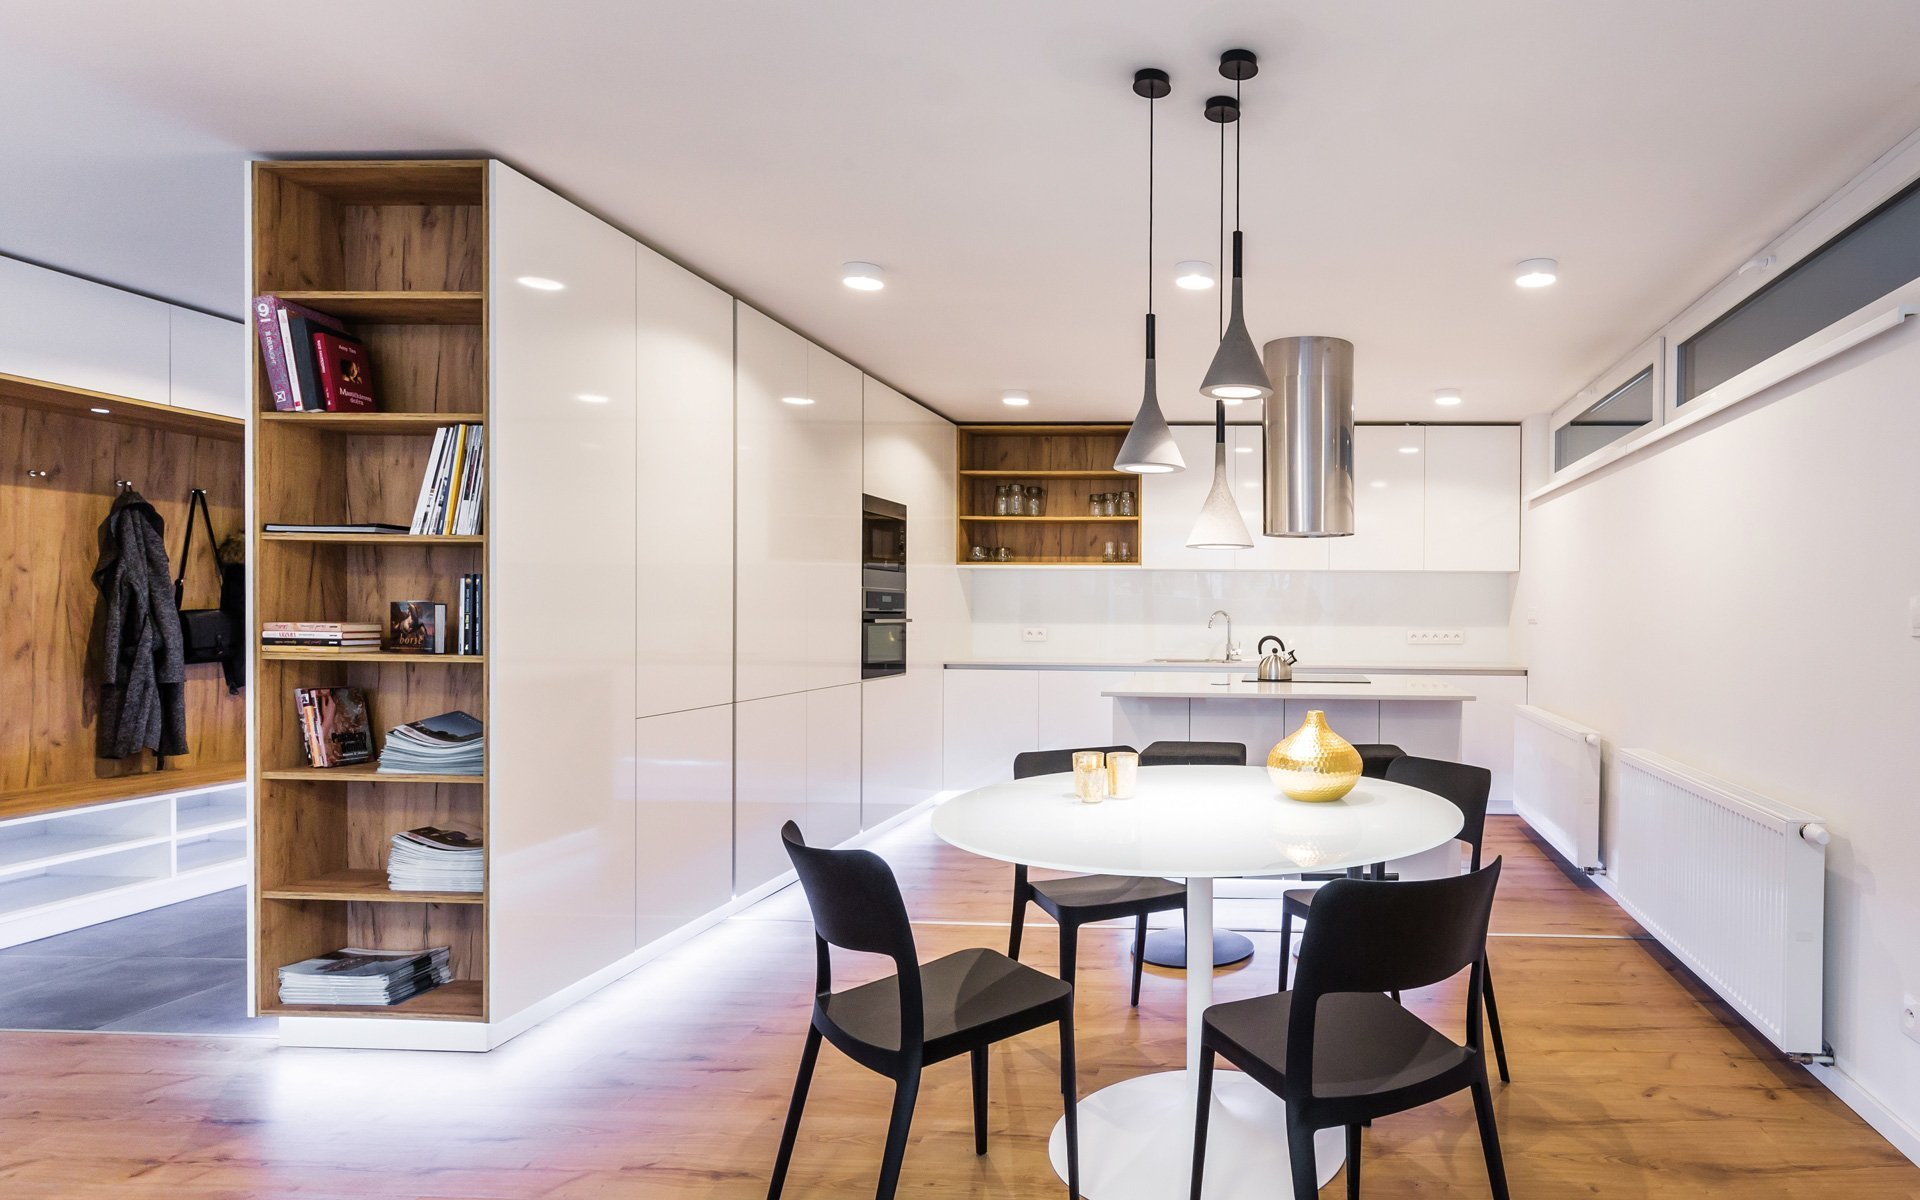 Renomovaní architekti rádi doporučují nábytek značky HANÁK do komplexních návrhů interiérů pro klienty. Toto je jeden z mnoha případů, kdy konkrétně…